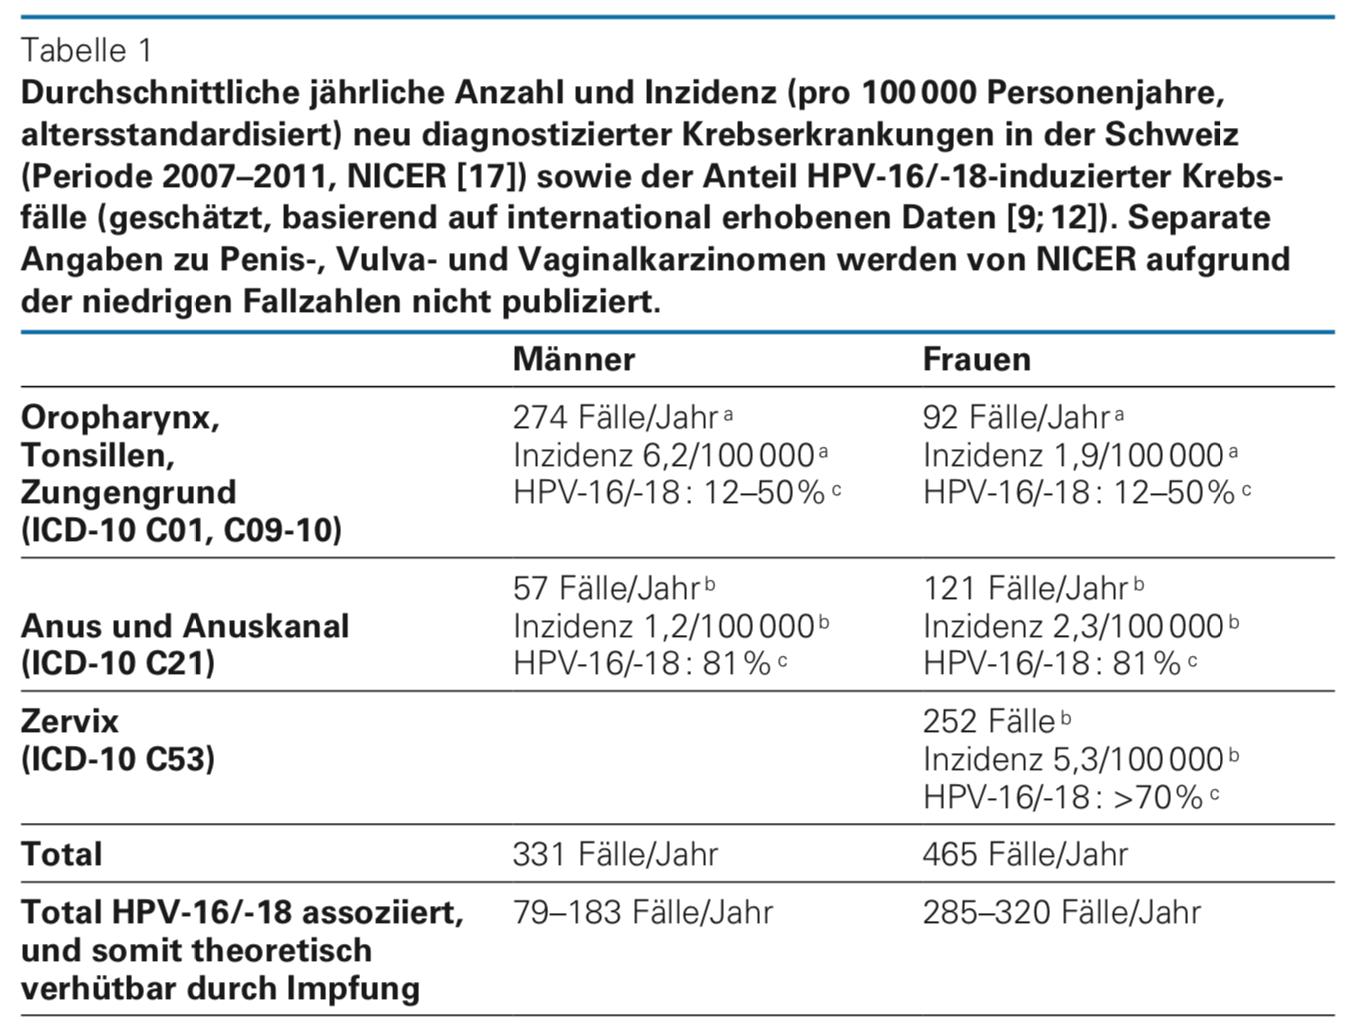 Cancer de colon etapas, Colonoscopia de Cancer del Colon y Polipos Grandes hpv p3 positif